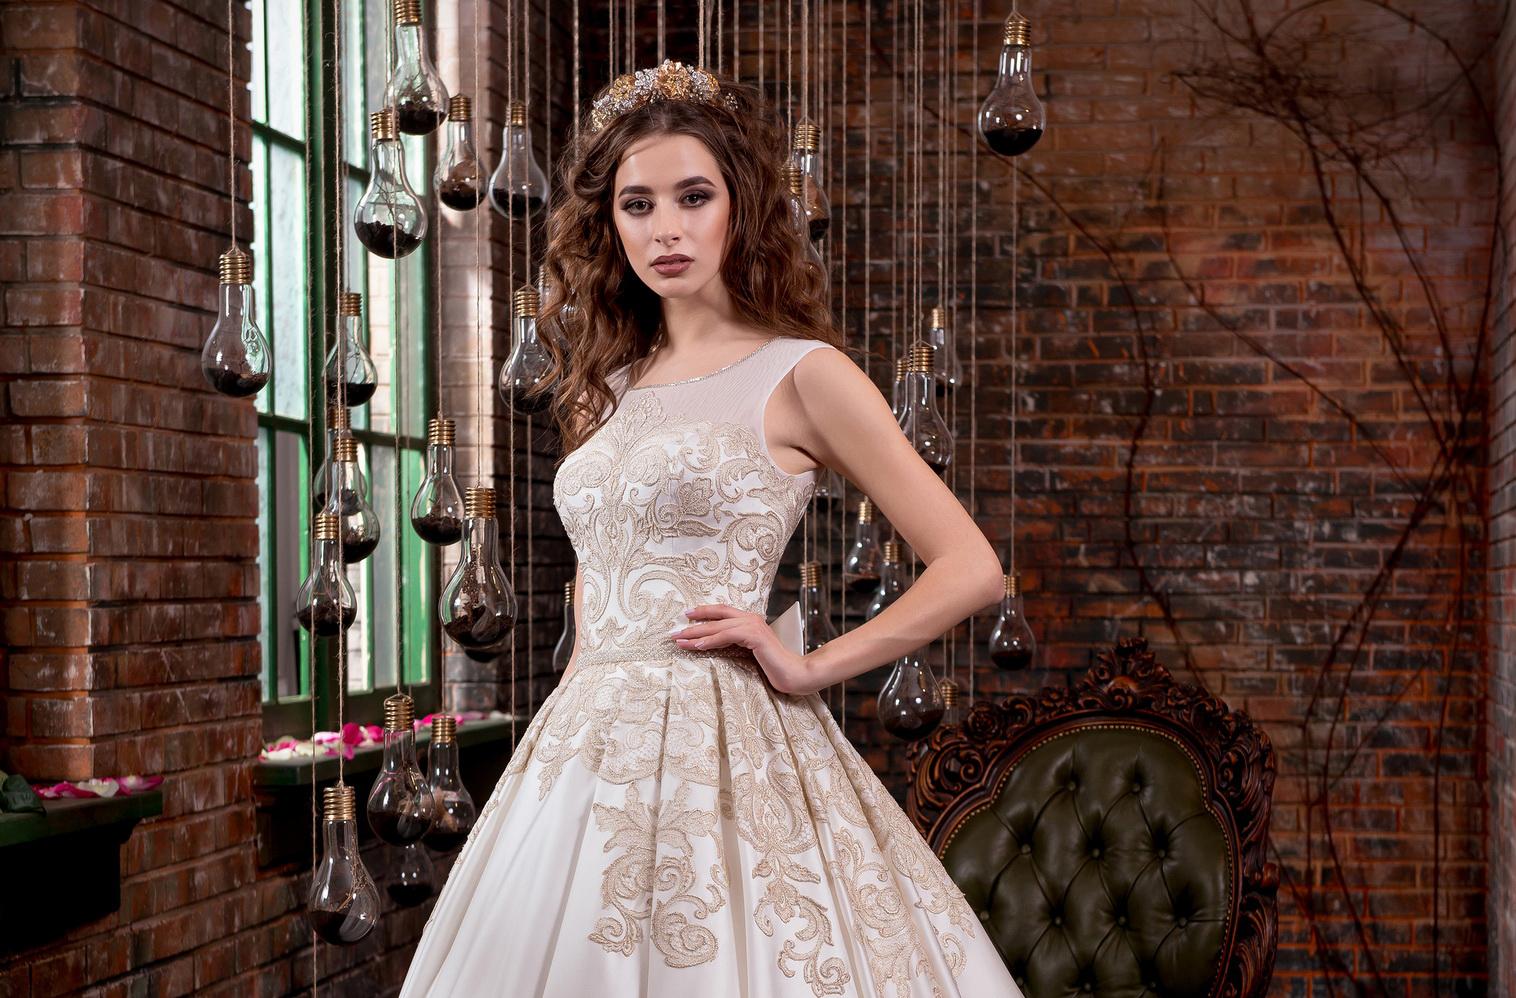 Весільна сукня з вишивкою  ніжність і розкіш a6a9a74c37b99